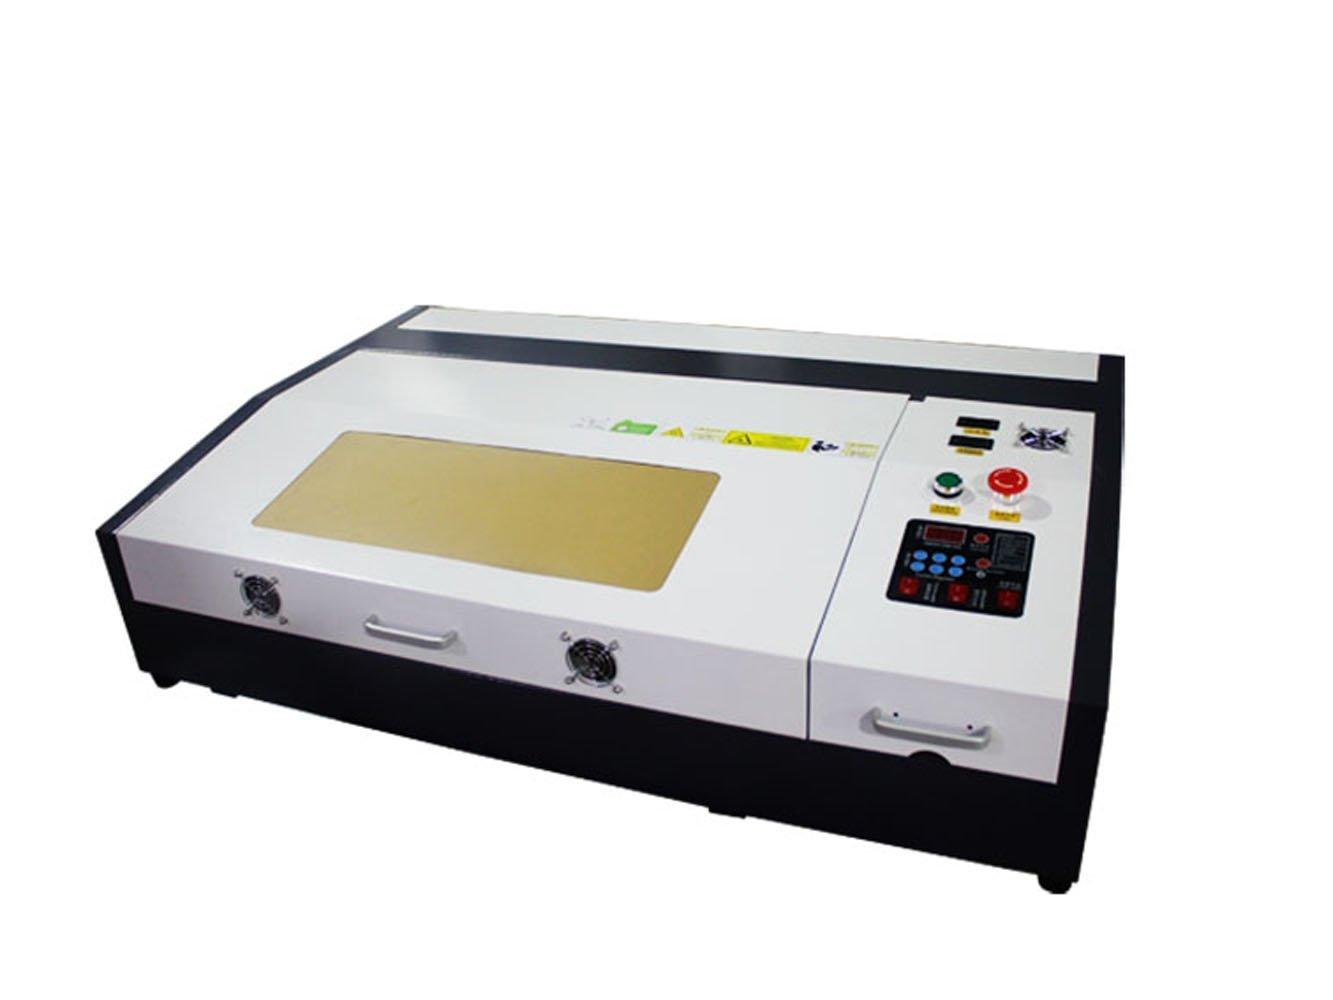 テンハイTEN-HIGH CO2レーザー彫刻機切断機 DIY加工機 400mm*600mm 50W 110V USBポート 必要な付属品一式フルセット B06XR67K41 50W